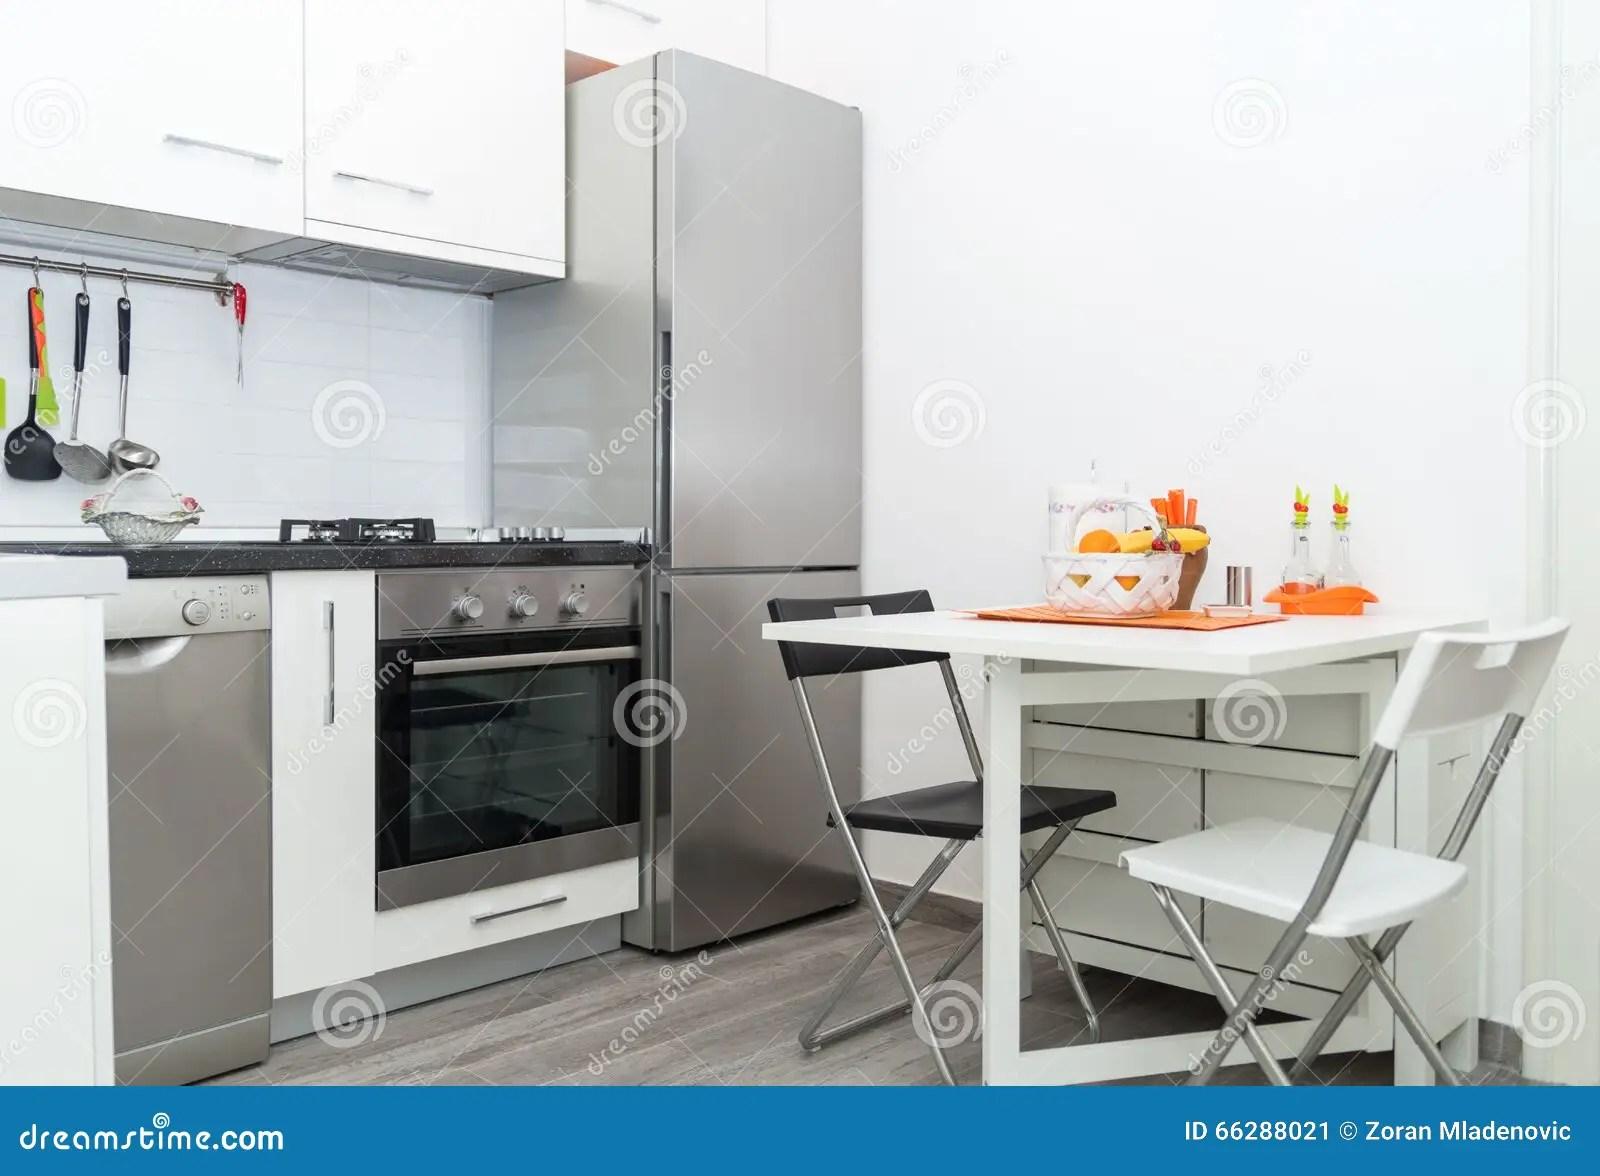 kitchen basket best name brand appliances 有新鲜水果篮子的厨房在与两把椅子的白色表上库存图片 图片包括有颜色 小白色厨房内部有新鲜水果篮子的在与两把椅子的白色表上明亮的现代厨房内部背景必须有厨具和装置 不锈的冰箱 火炉 水槽